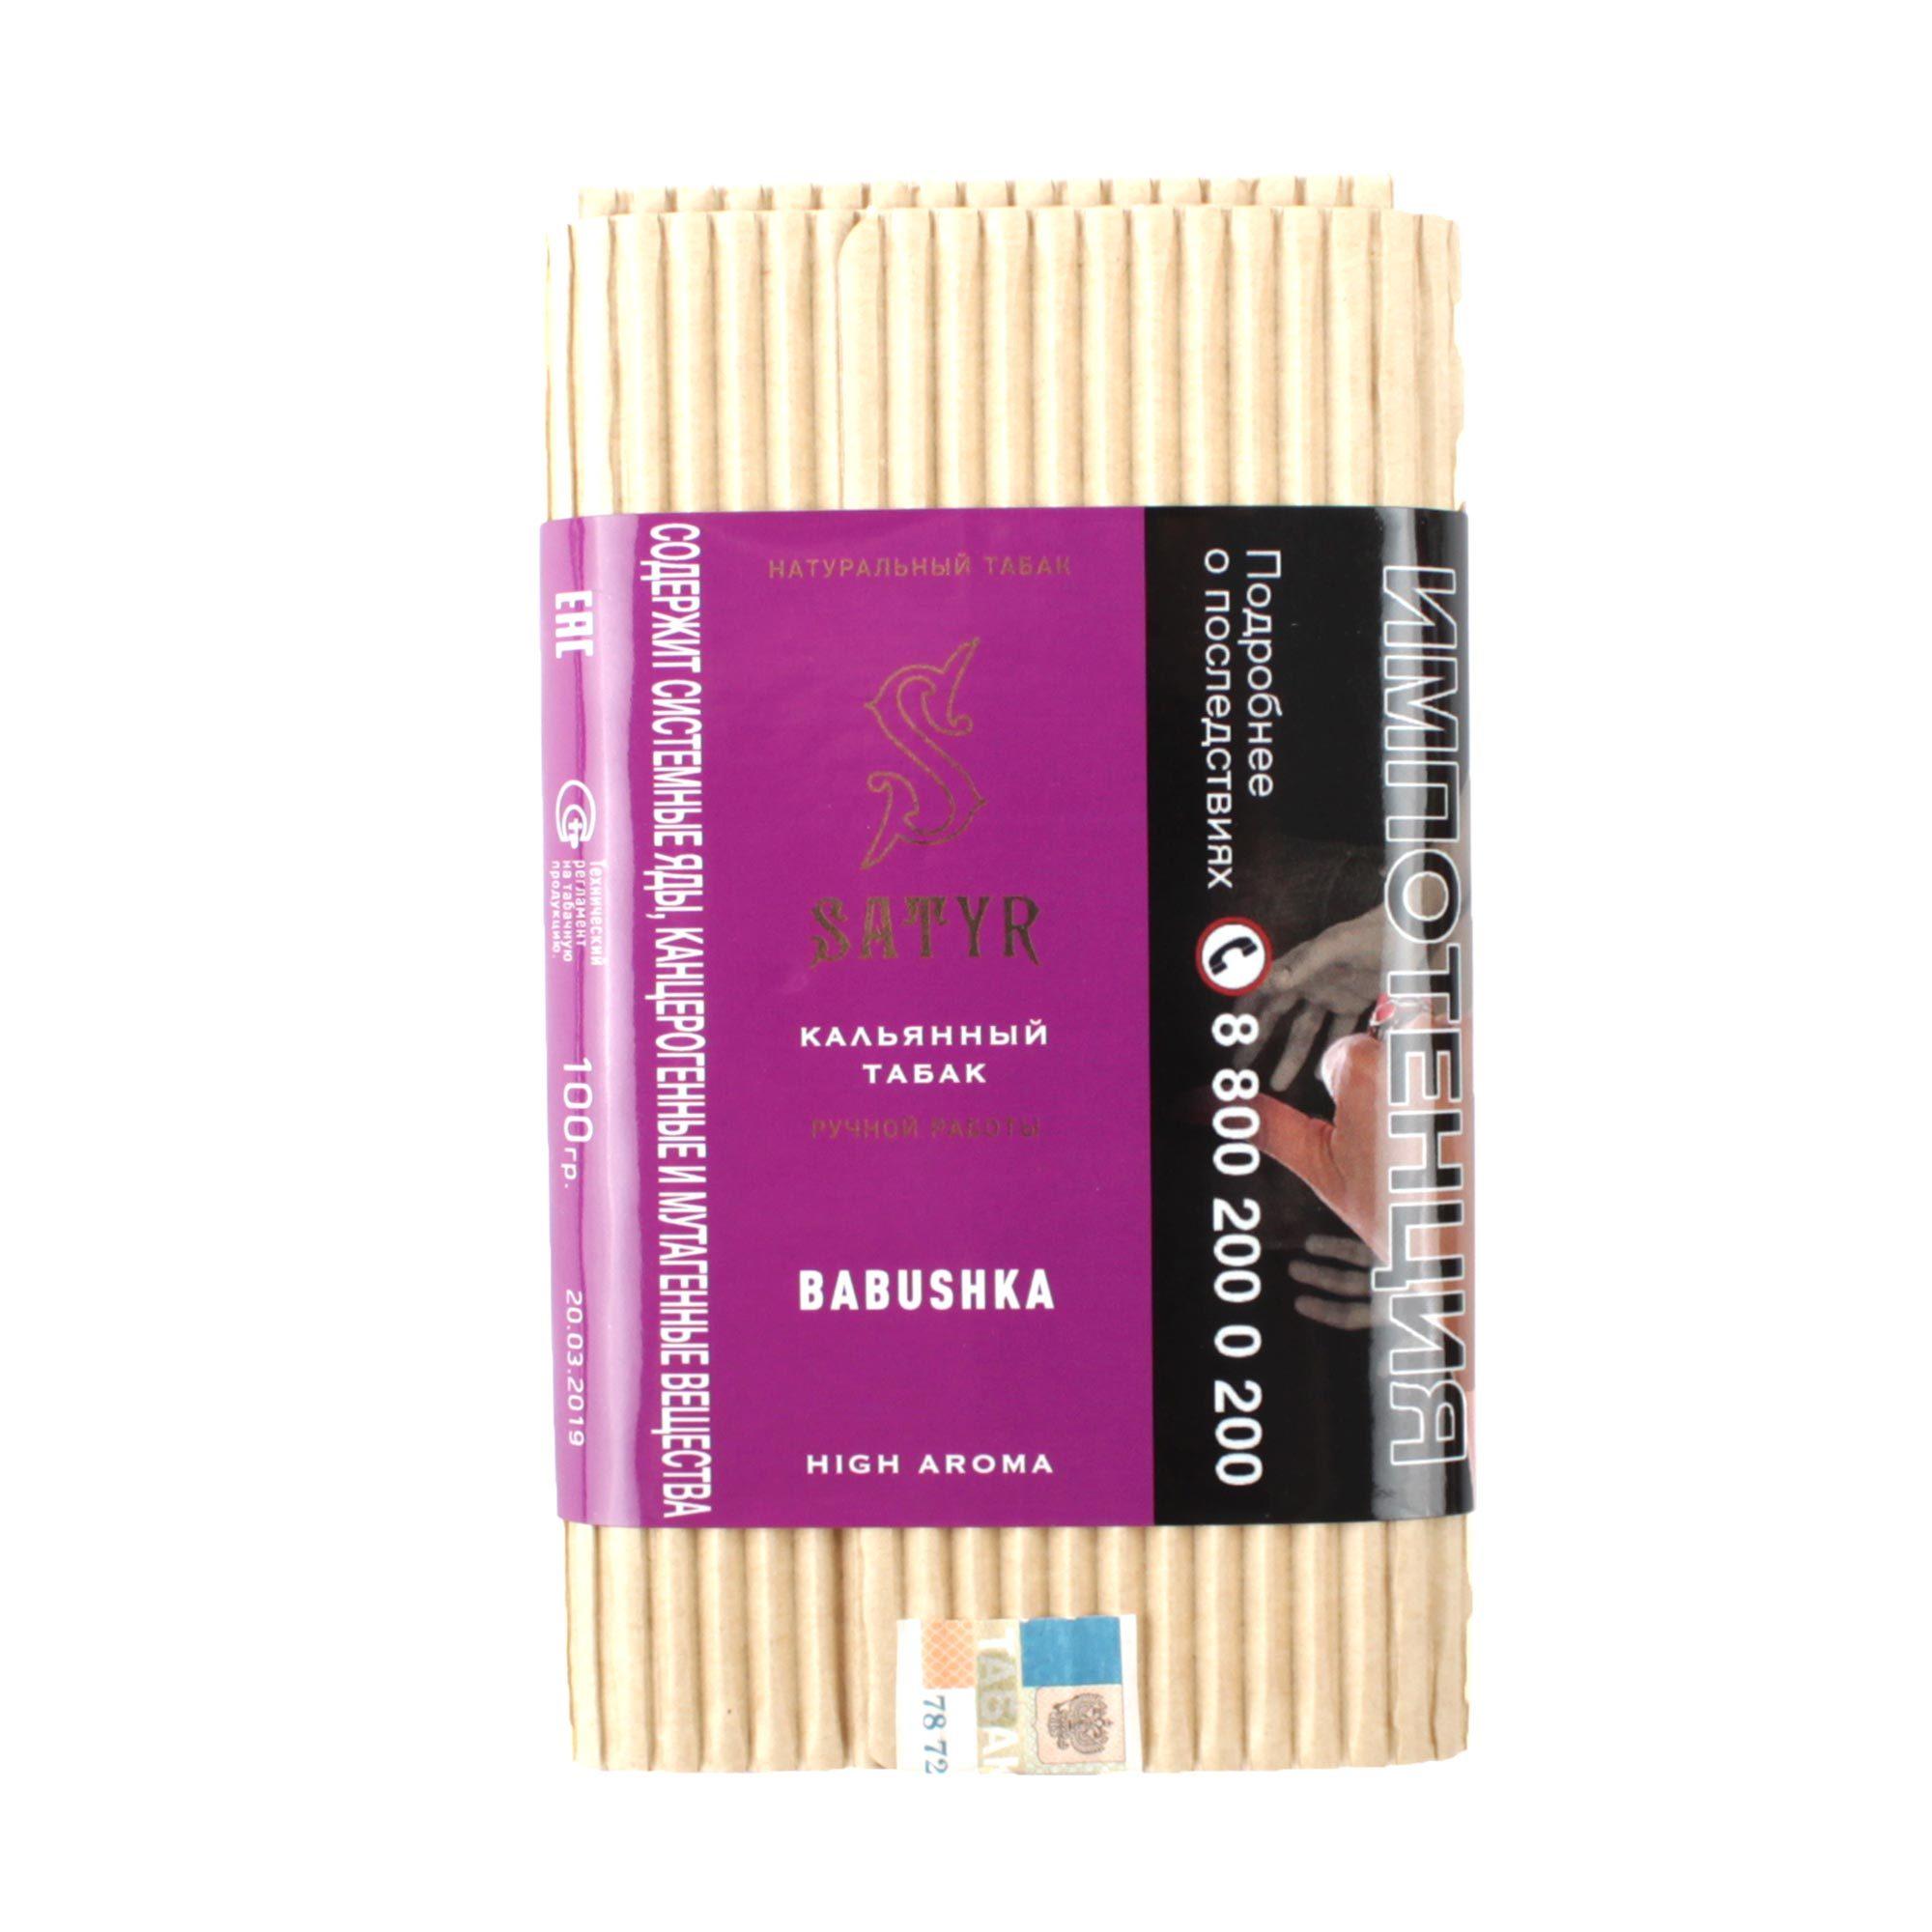 Табак для кальяна Satyr High Aroma 100 гр Babushka